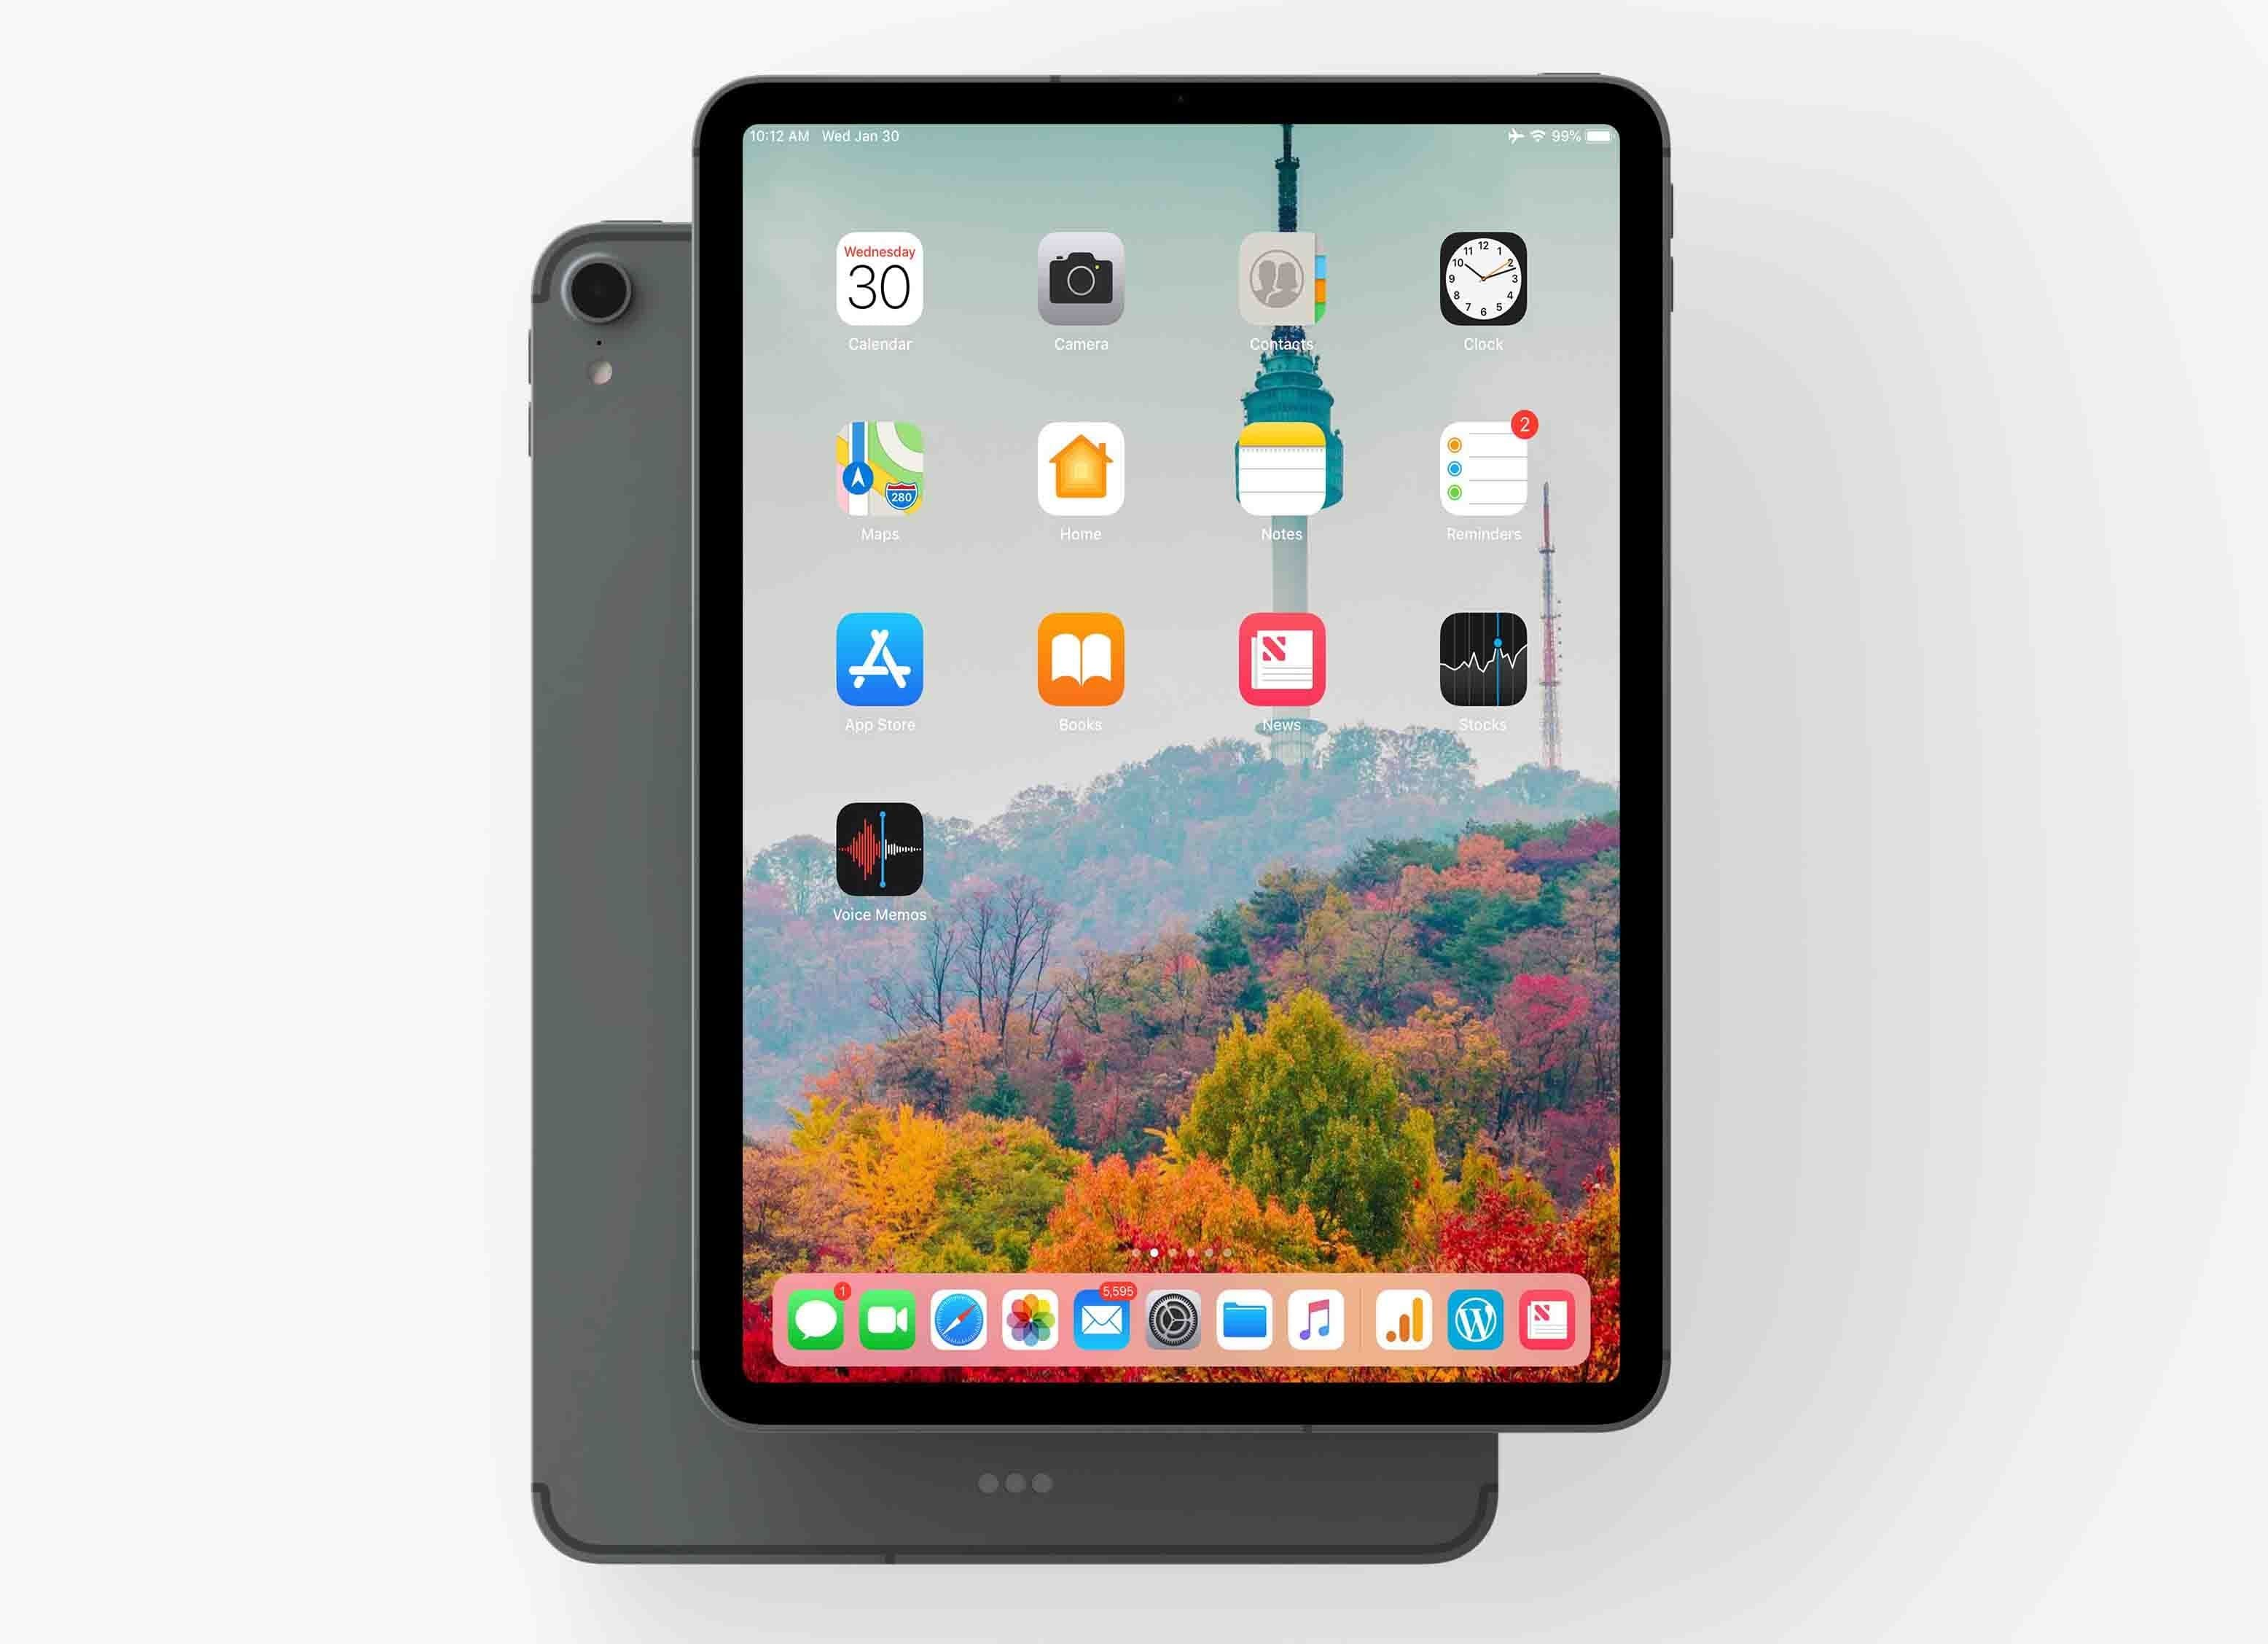 4a0fadc845a5cf24a1ec6c8055952d44 - How To Get Apple Pencil To Work On Ipad Mini